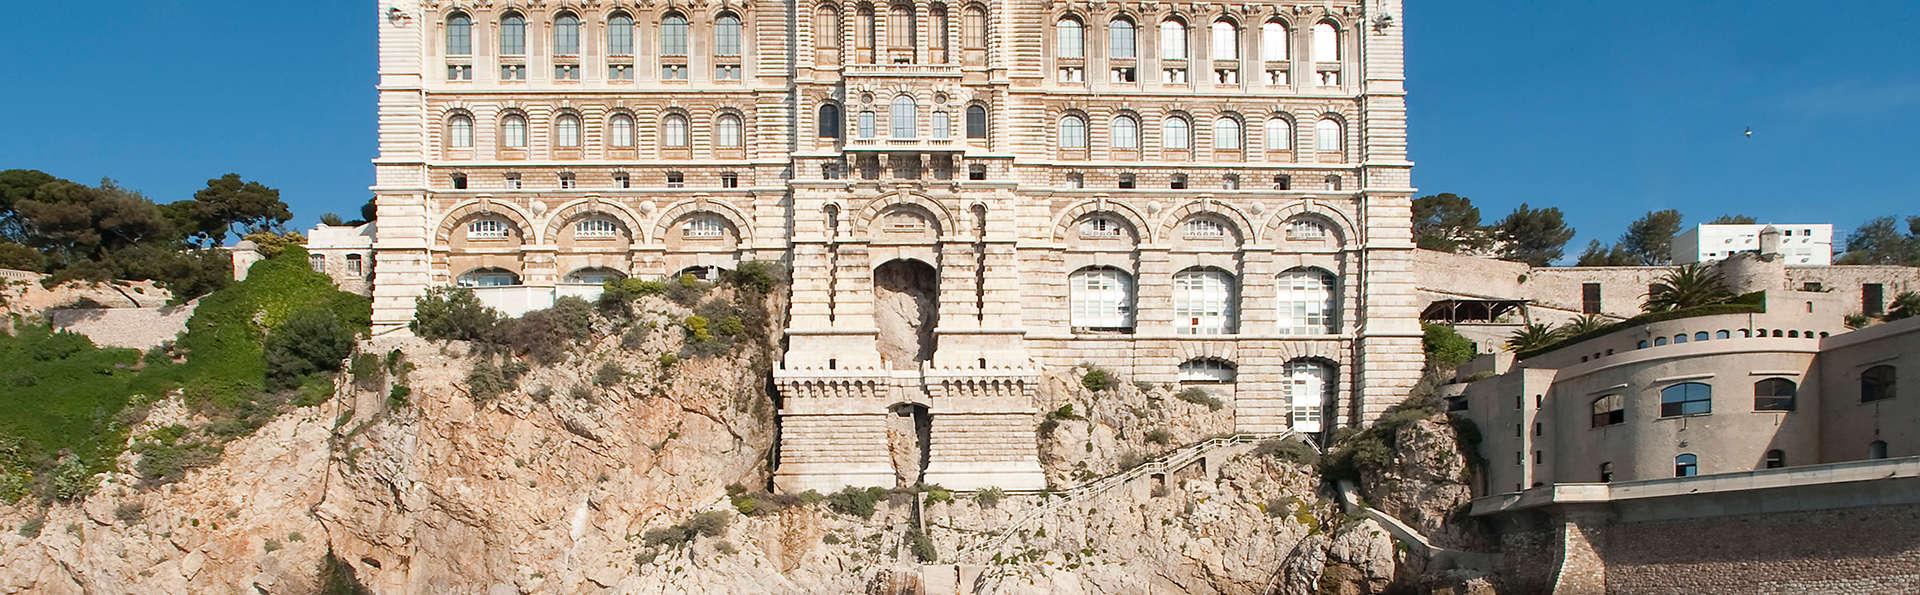 Week-end à Monaco avec entrées au Musée océanographique